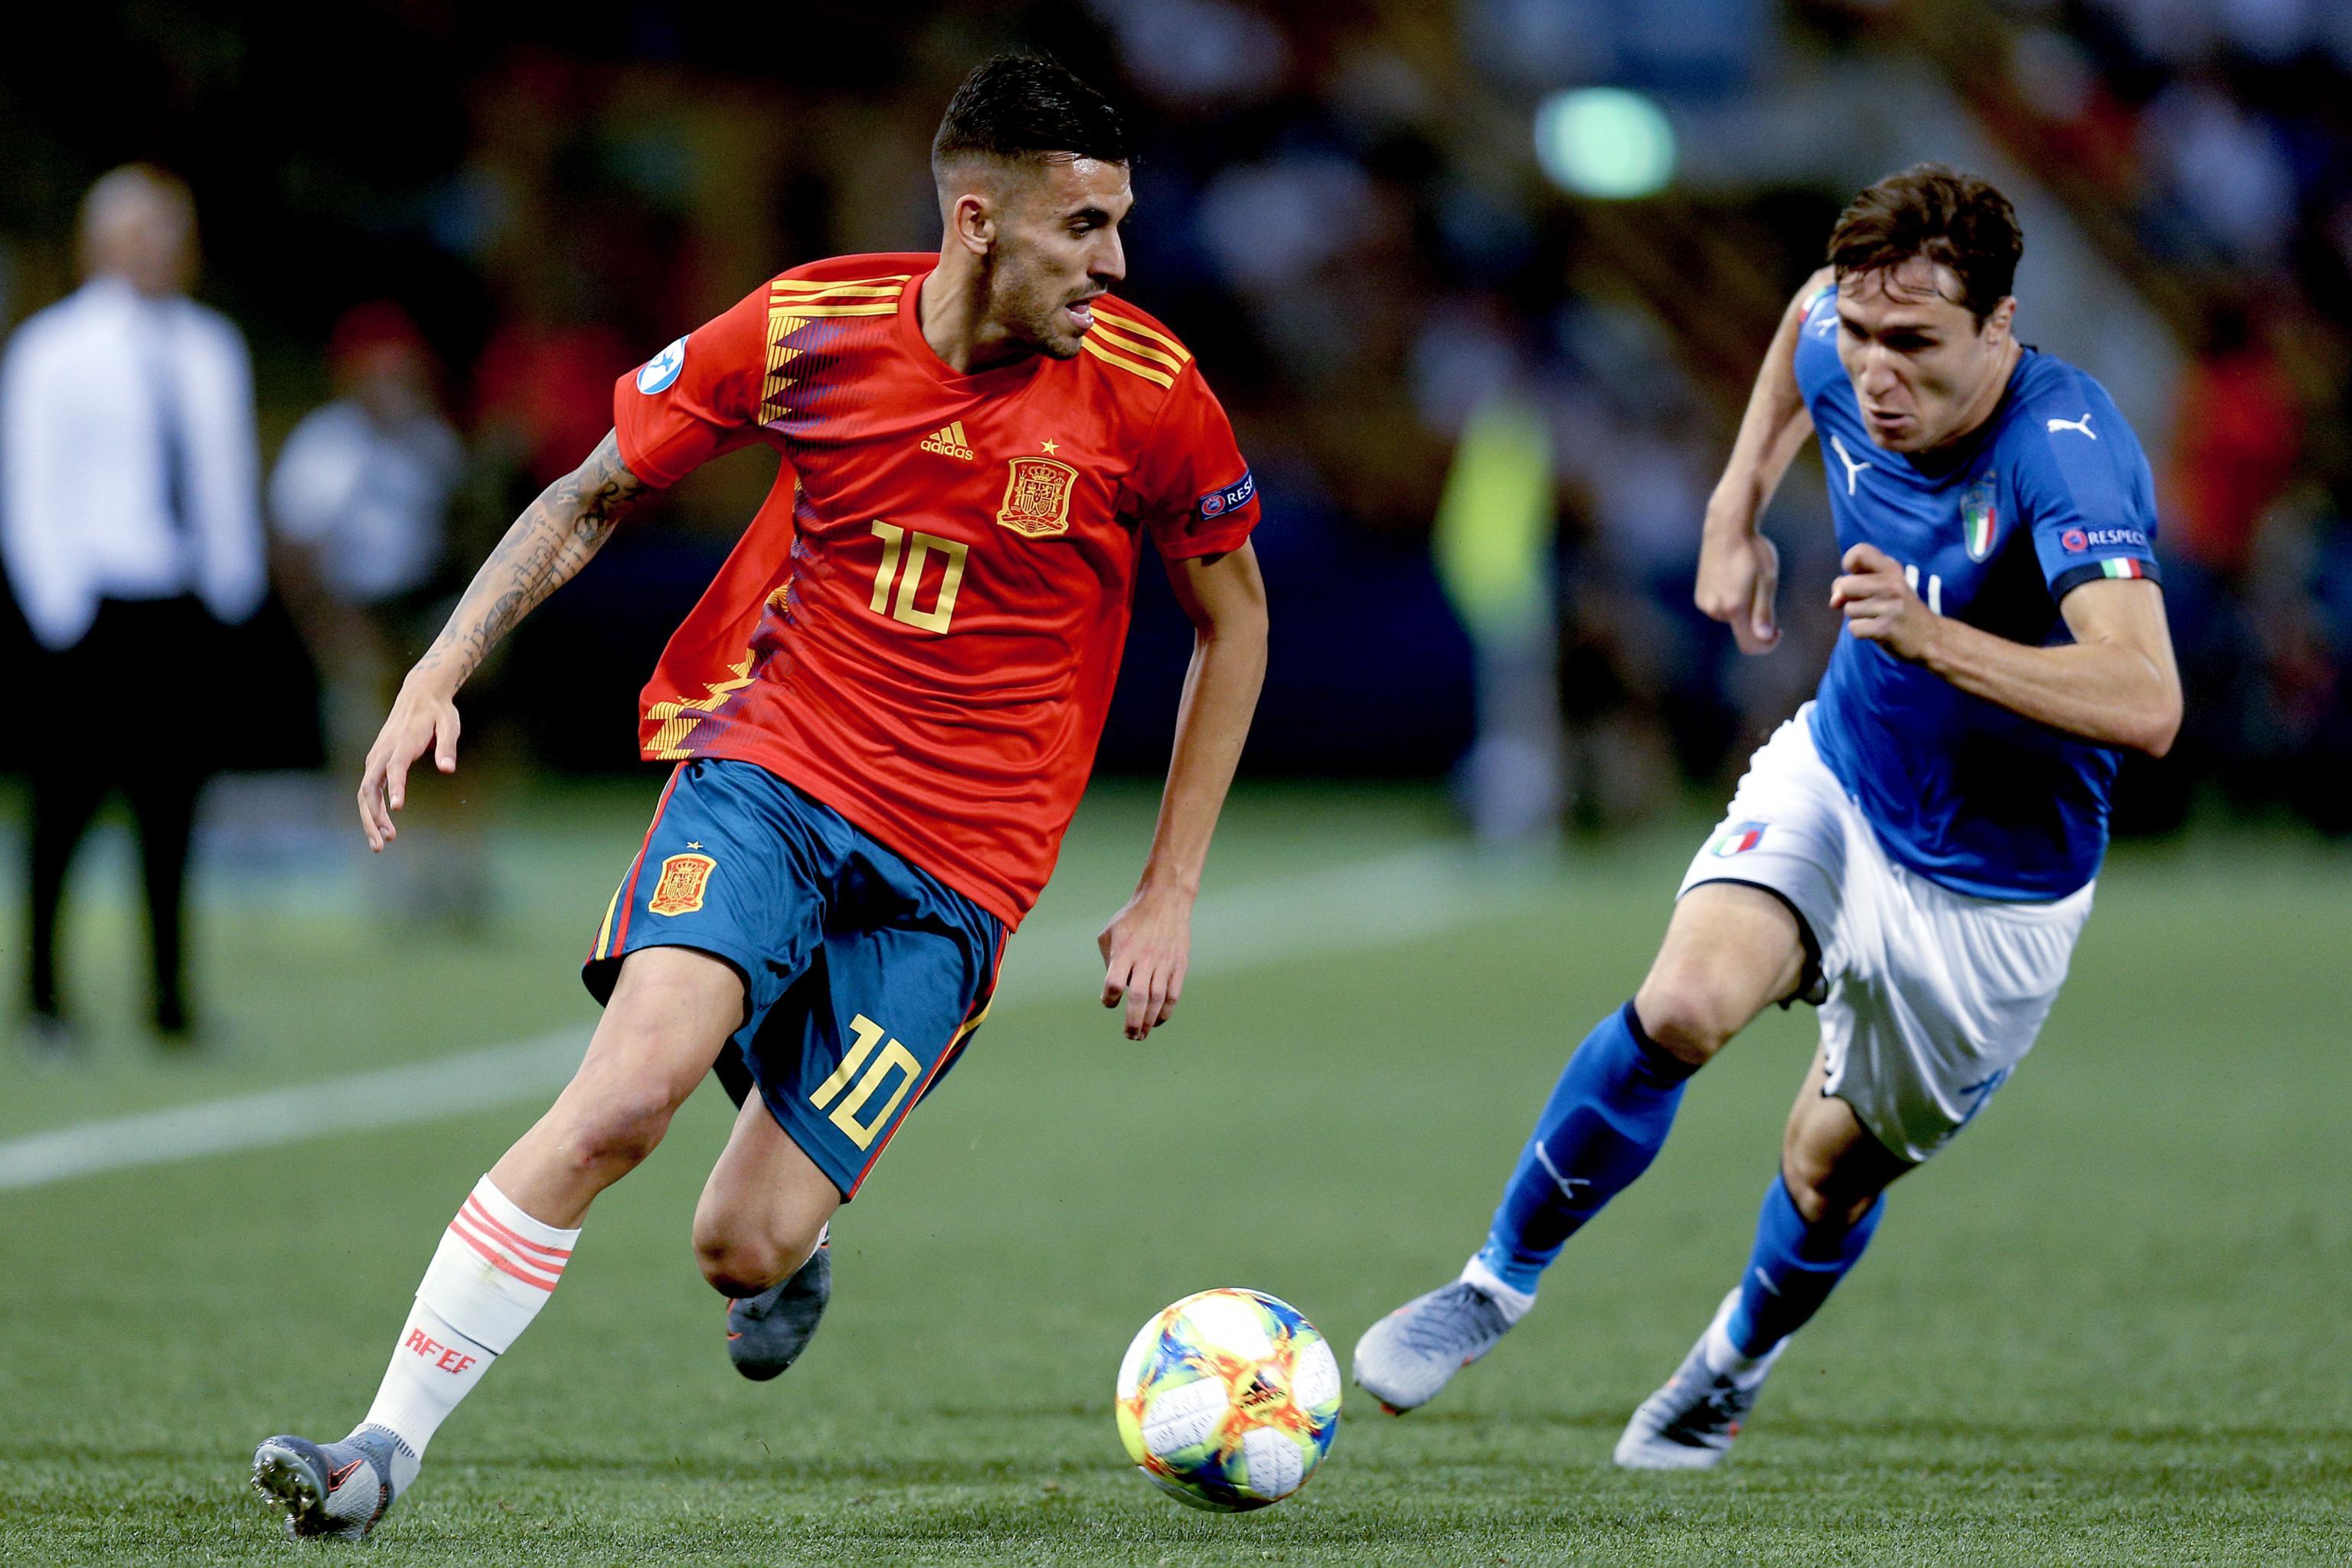 Kèo nhà cái U21 Tây Ban Nha vs U21 Pháp